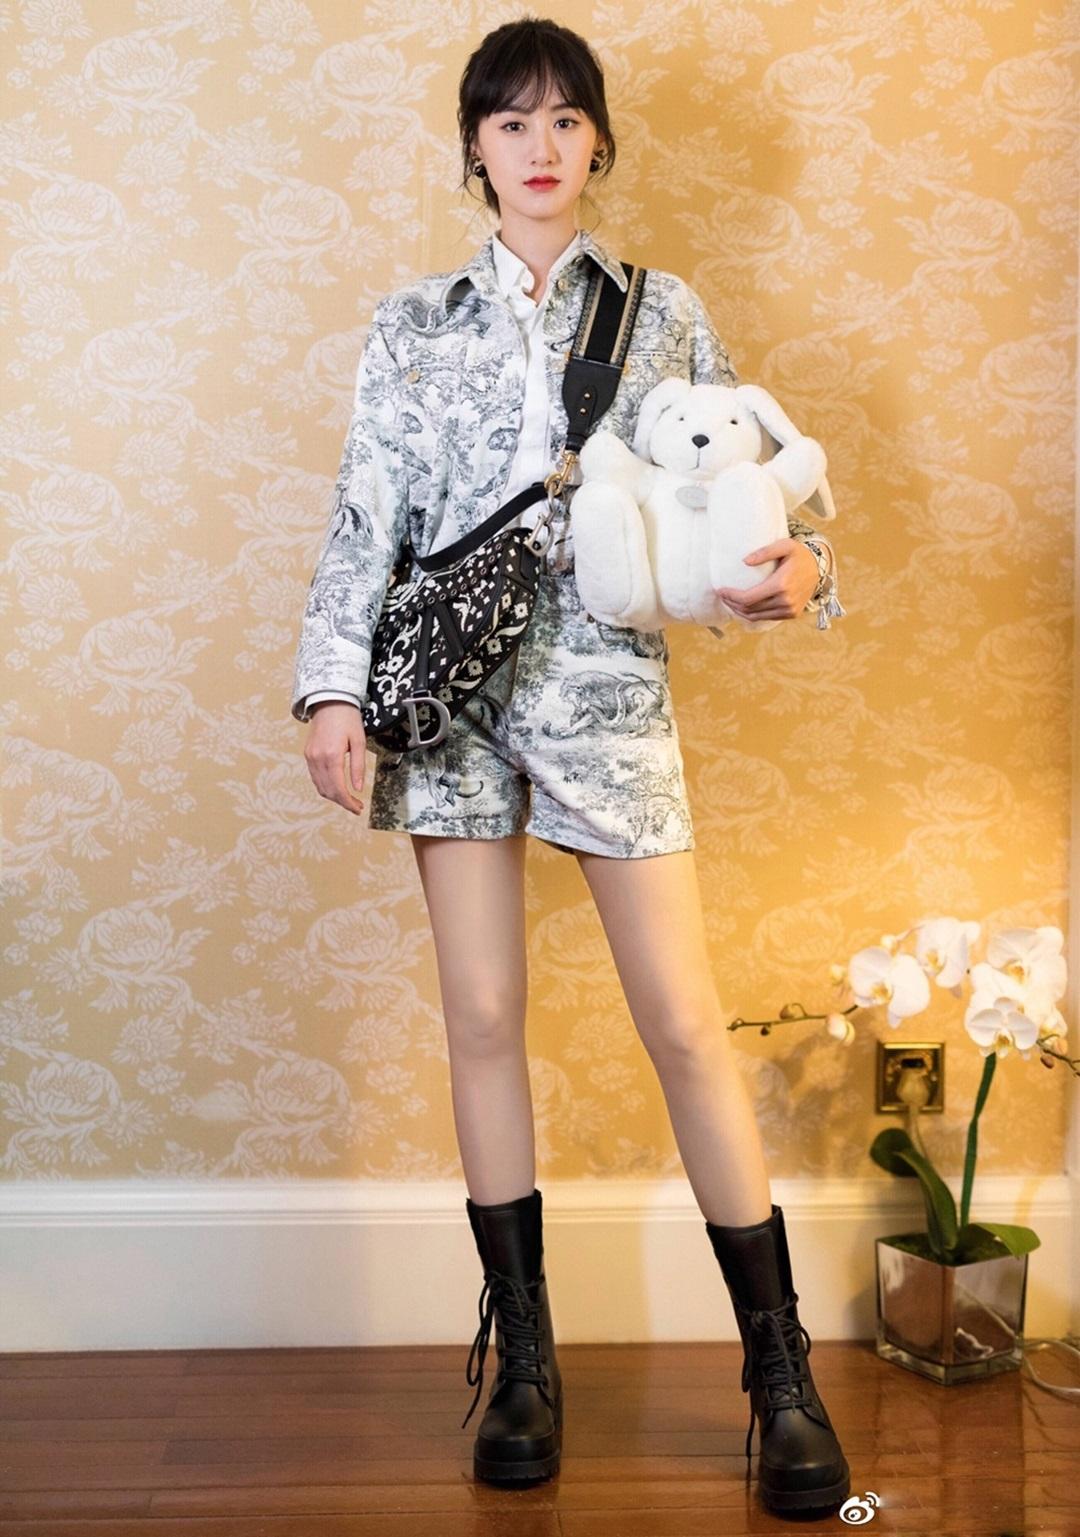 Viên Băng Nghiên - nữ chính phim cổ trang Lưu Ly mỹ nhân sát - kết hợp túi yên ngựa bản giới hạn với trang phục họa tiết thiên nhiên và boots cổ thấp. Tất cả thiết kế đều thuộc nhà mốt Dior.